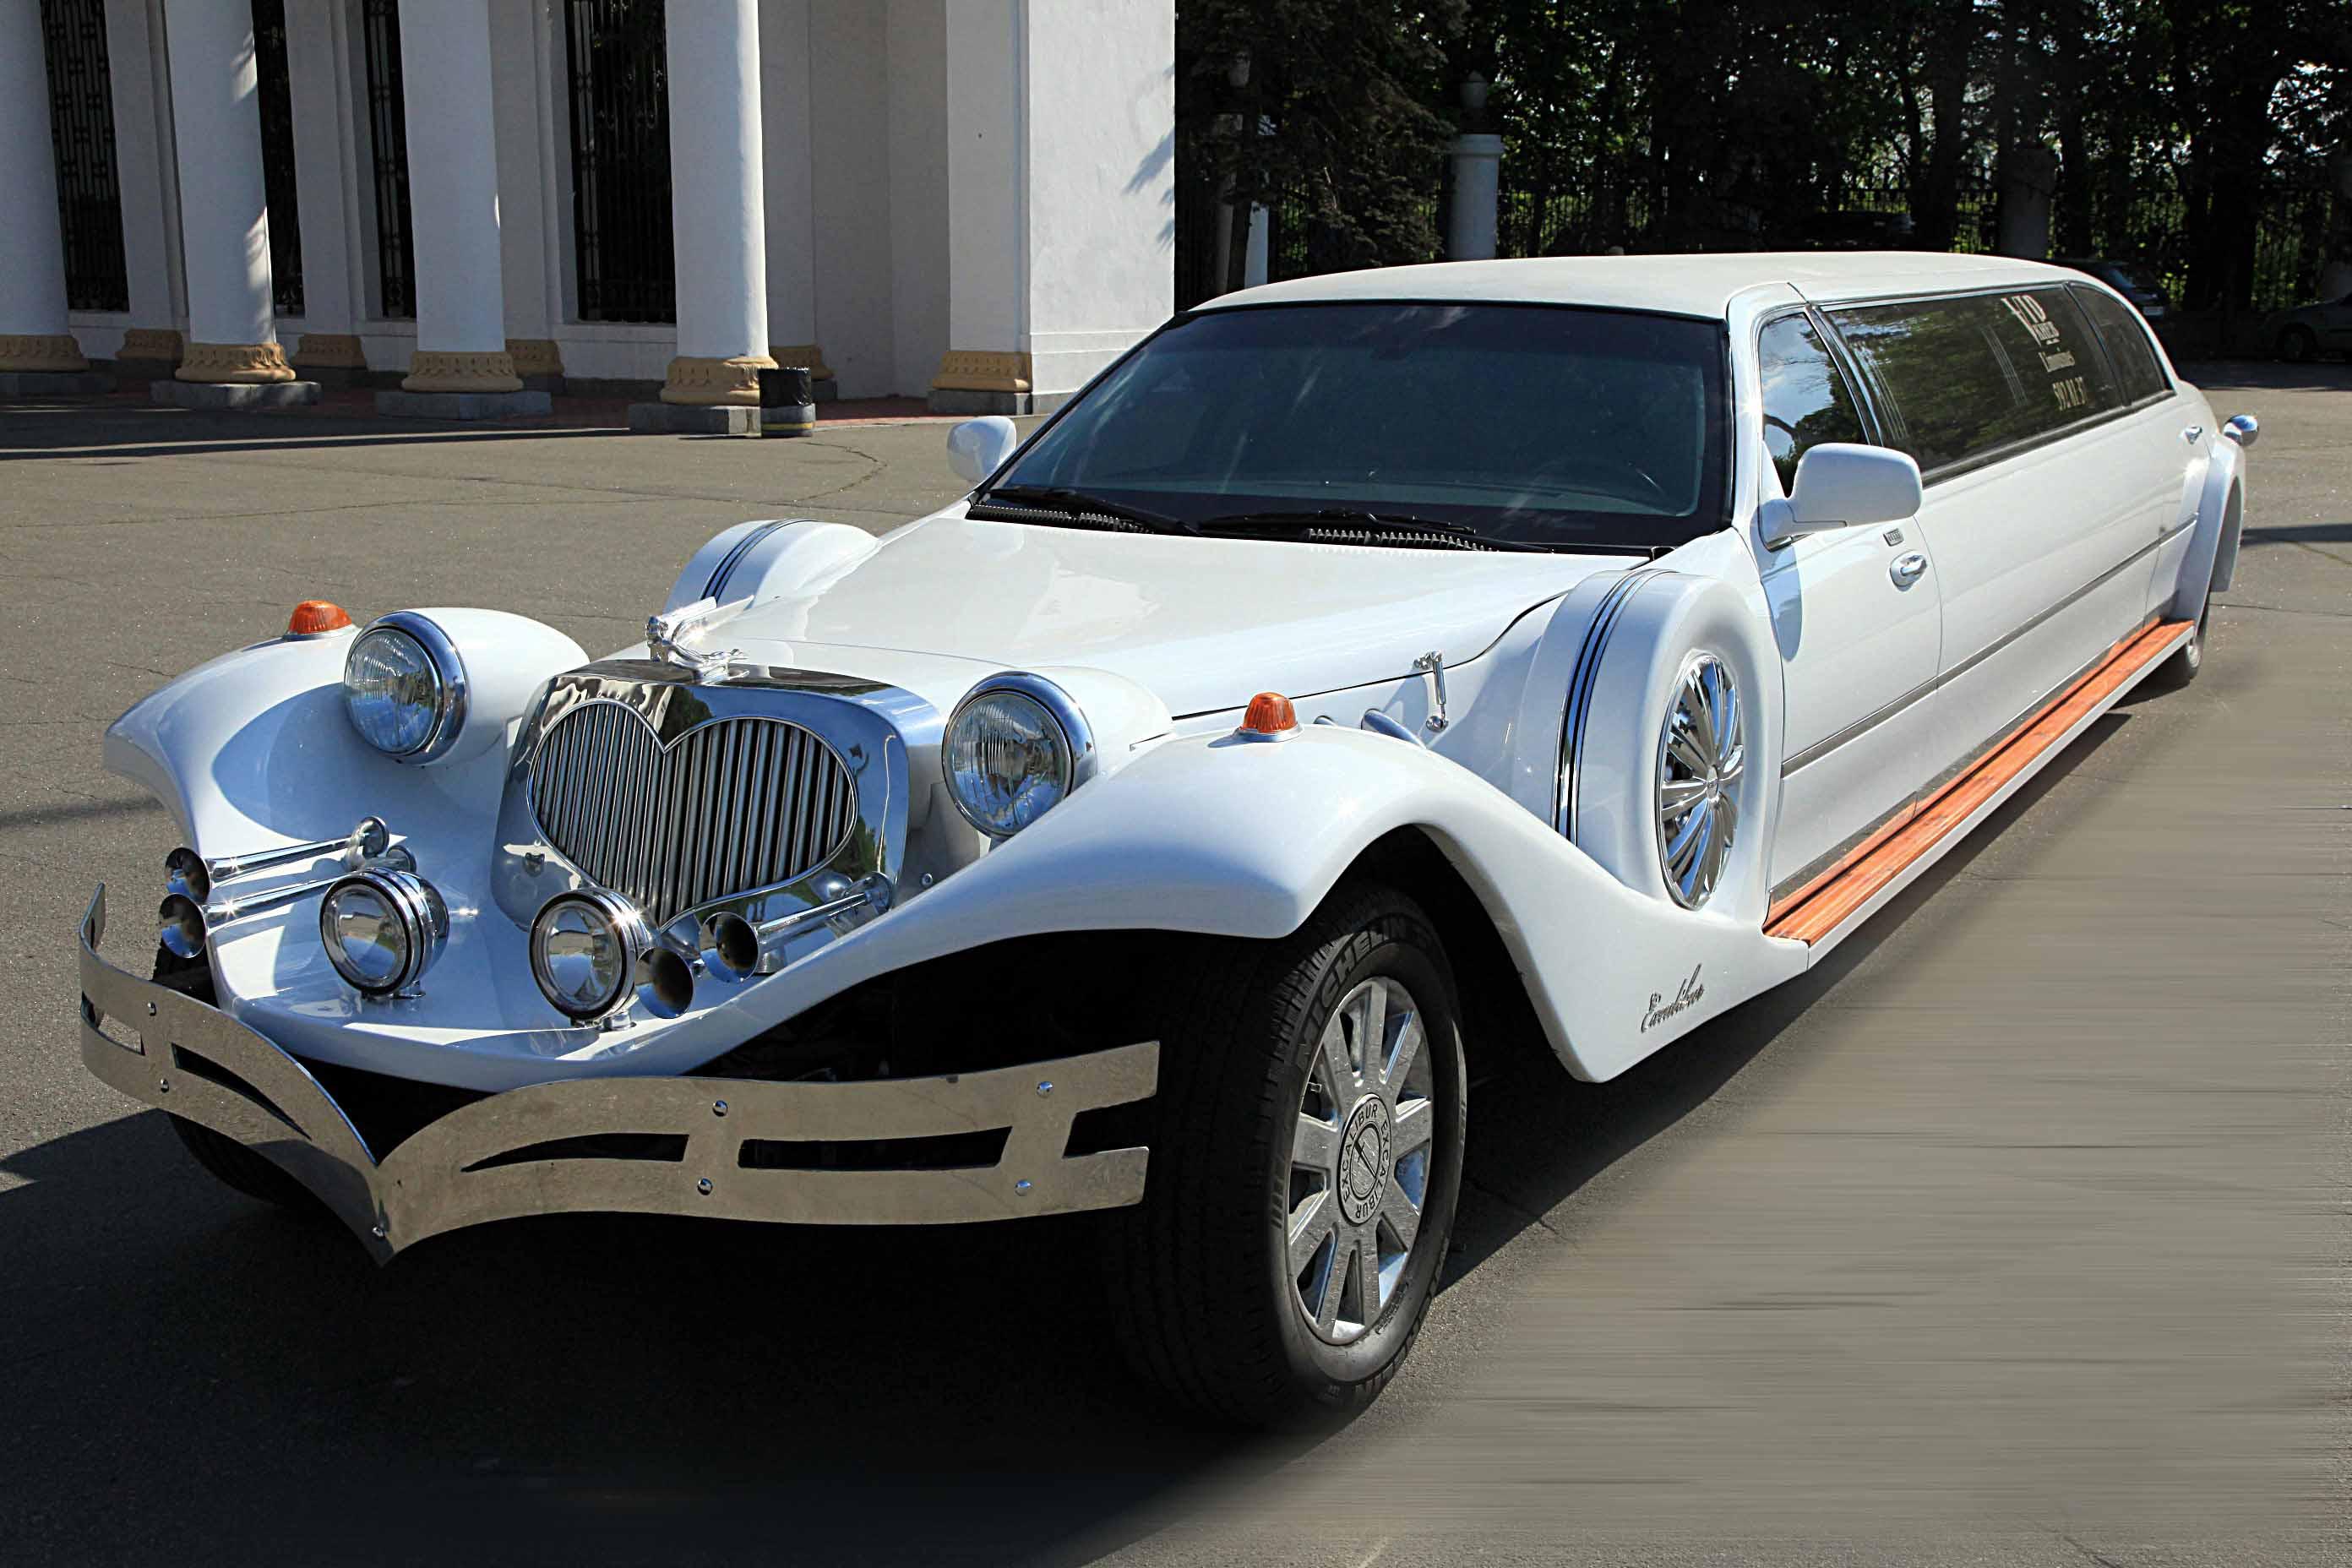 Ретро лимузин Excalibur белый на прокат в Киеве цена